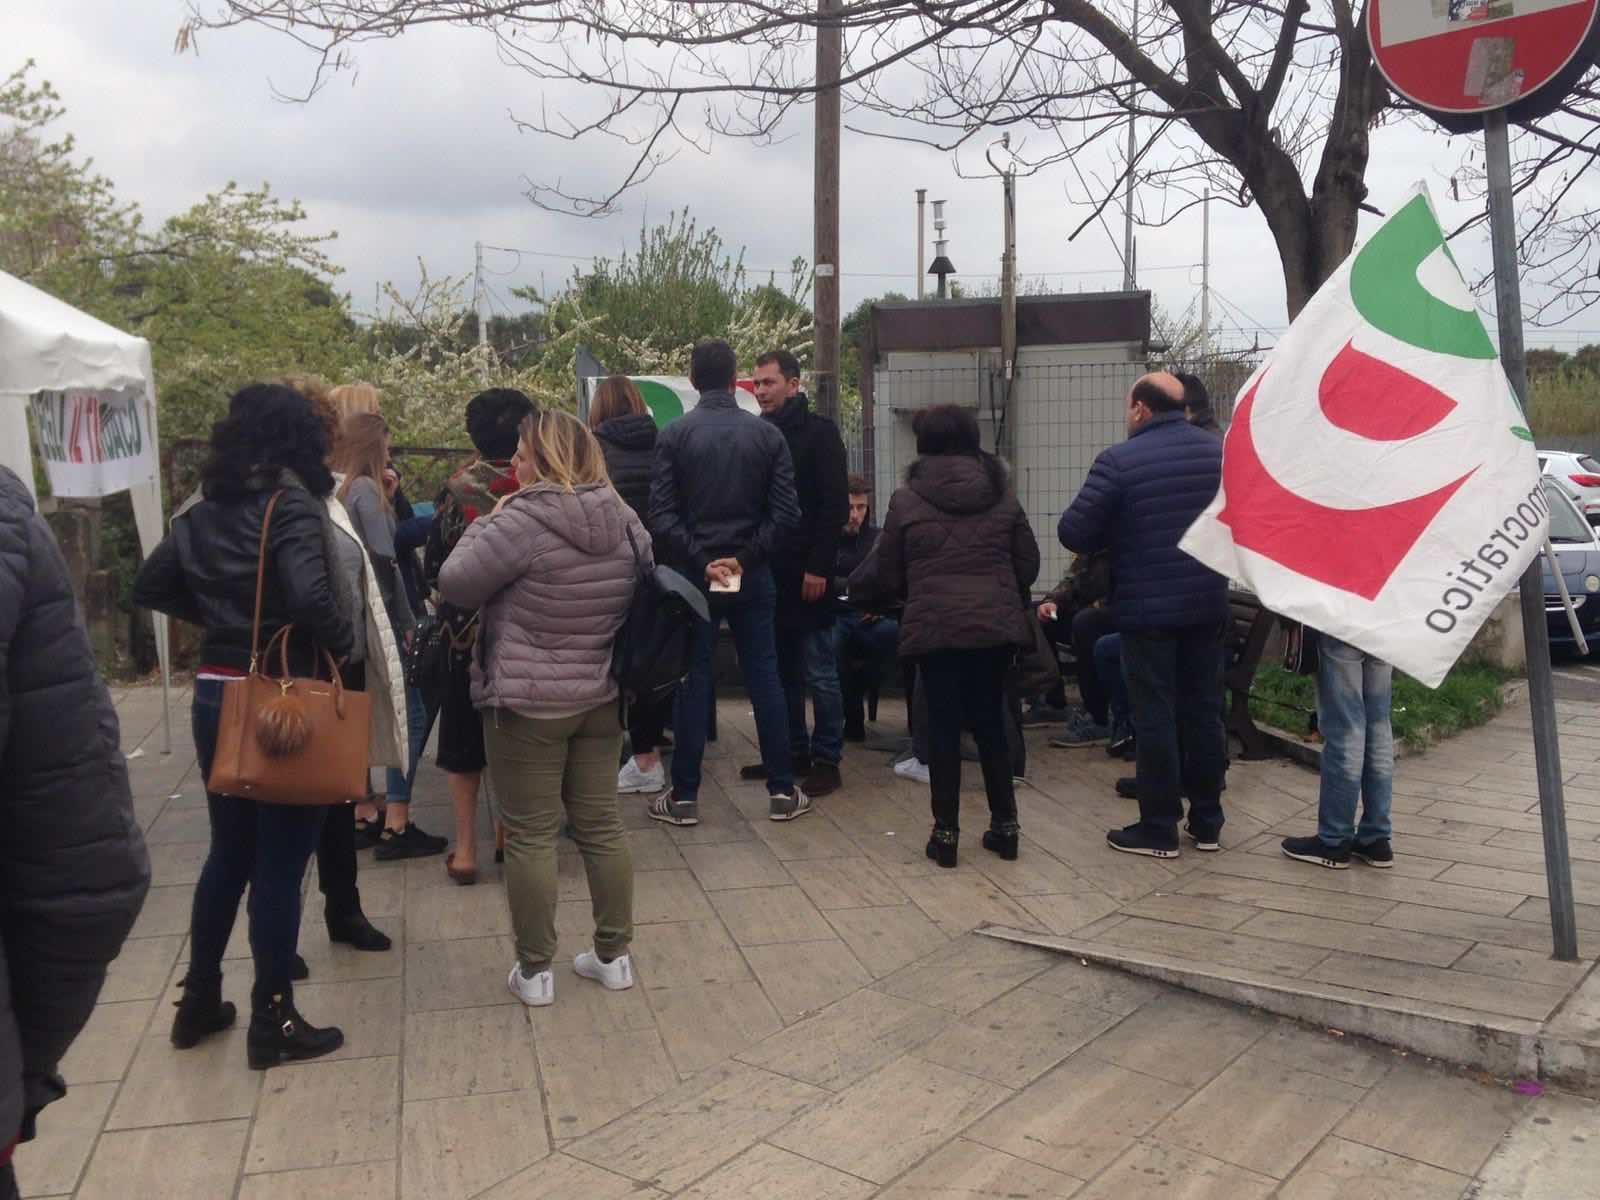 Guidonia e Fonte Nuova, primarie Pd spostate al 9 aprile: verifiche più lunghe sugli iscritti